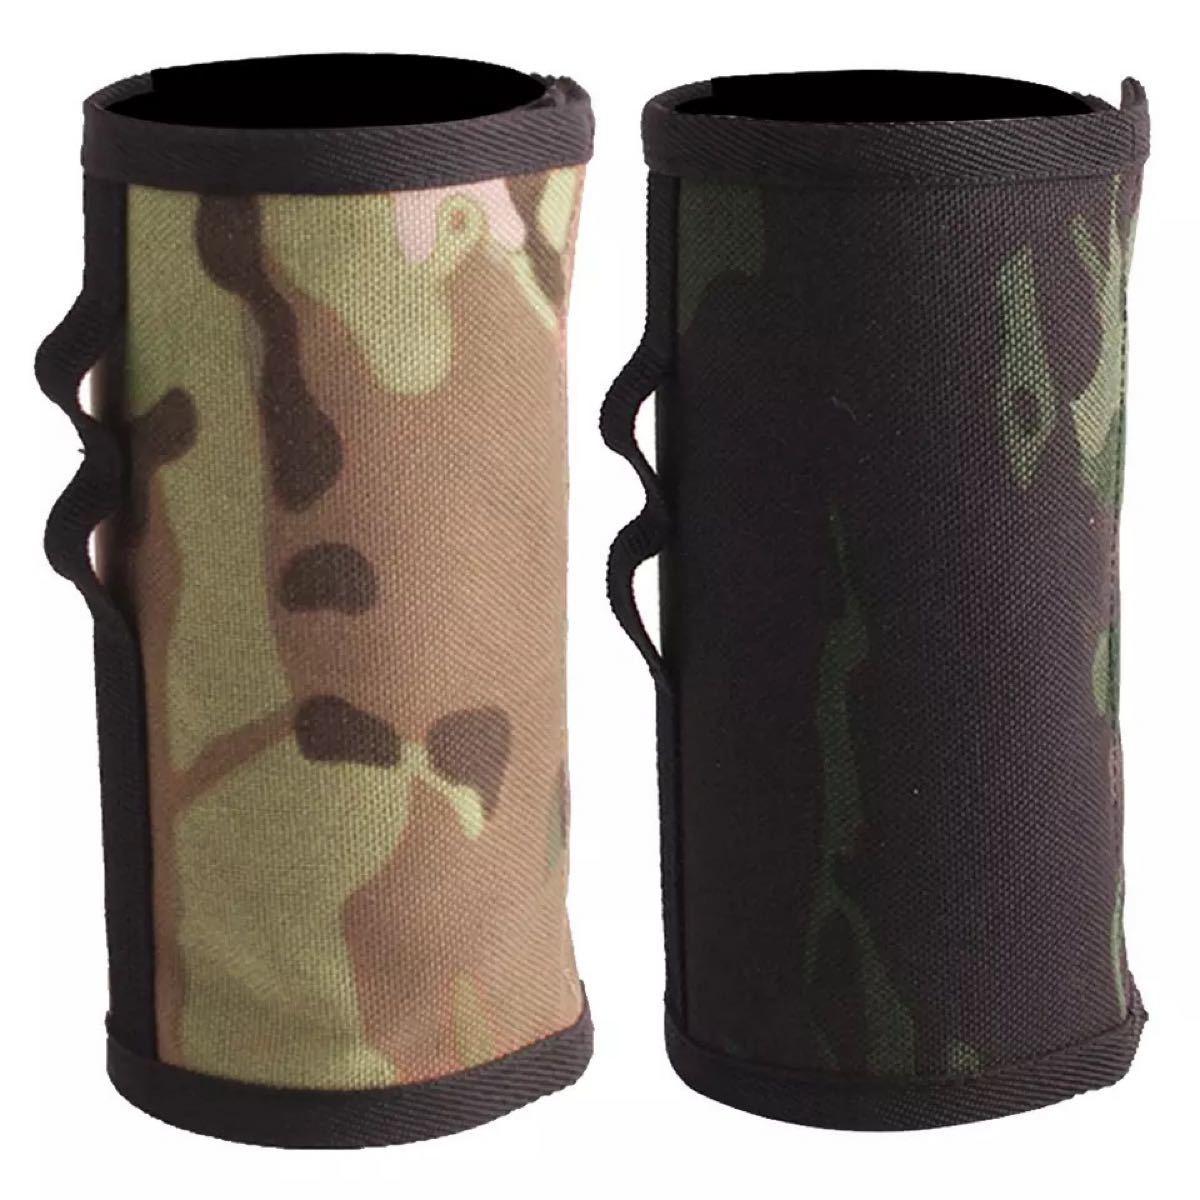 CB缶(カセットボンベ)用のガス缶カバー。明るい迷彩と暗い迷彩の2枚セット